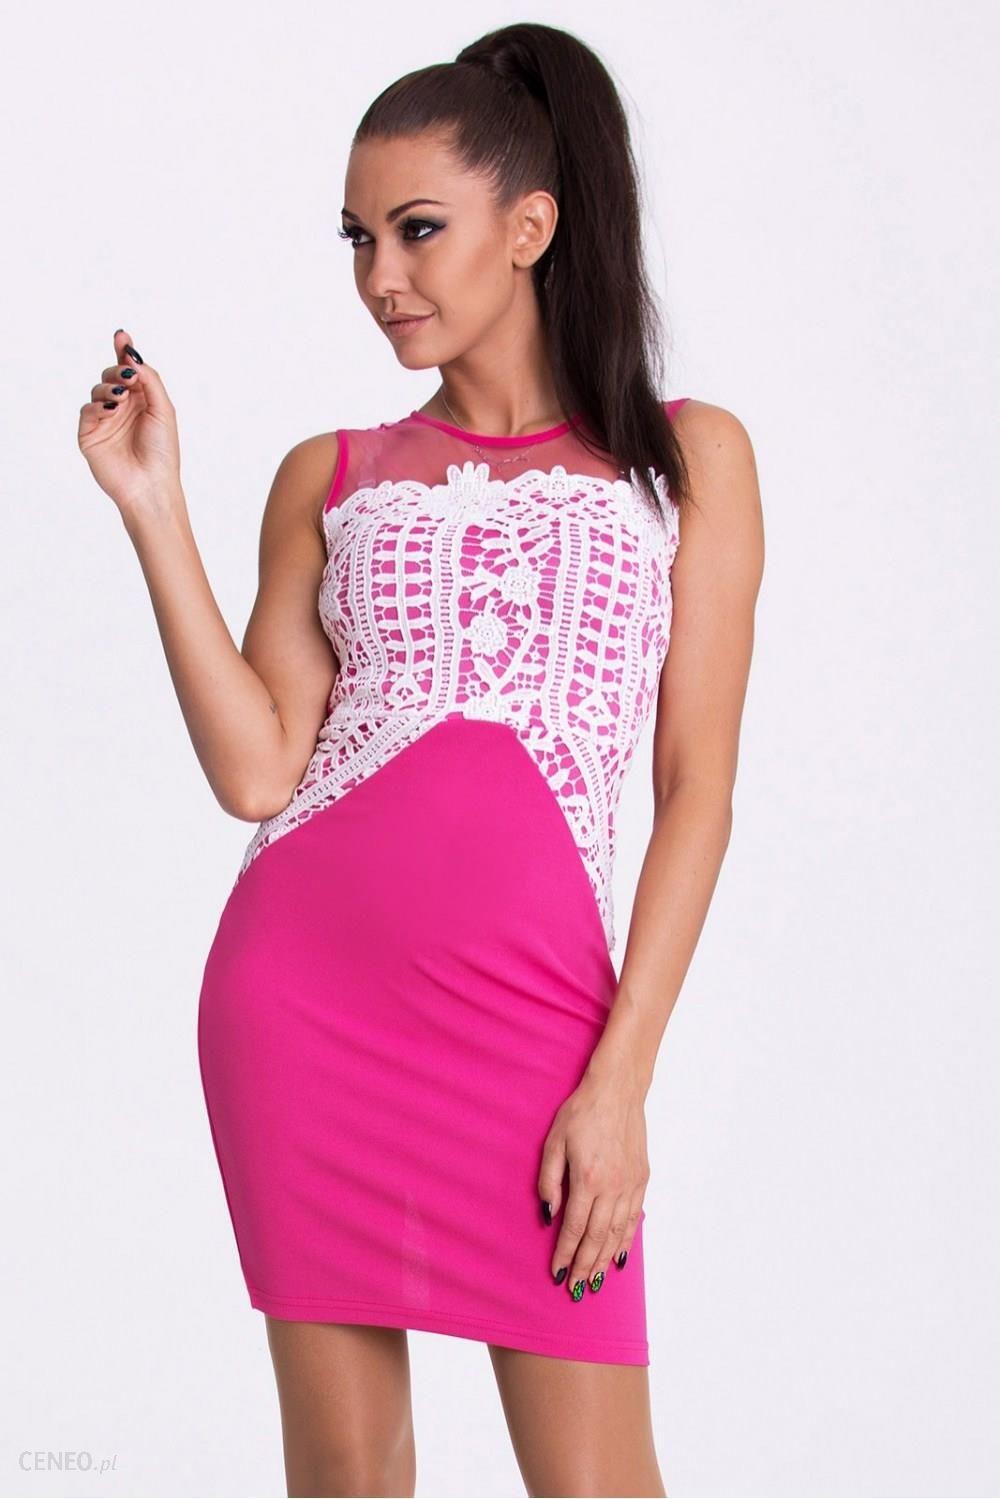 c053f70b26 Sukienka Model 17205 Fuksja - Ceny i opinie - Ceneo.pl